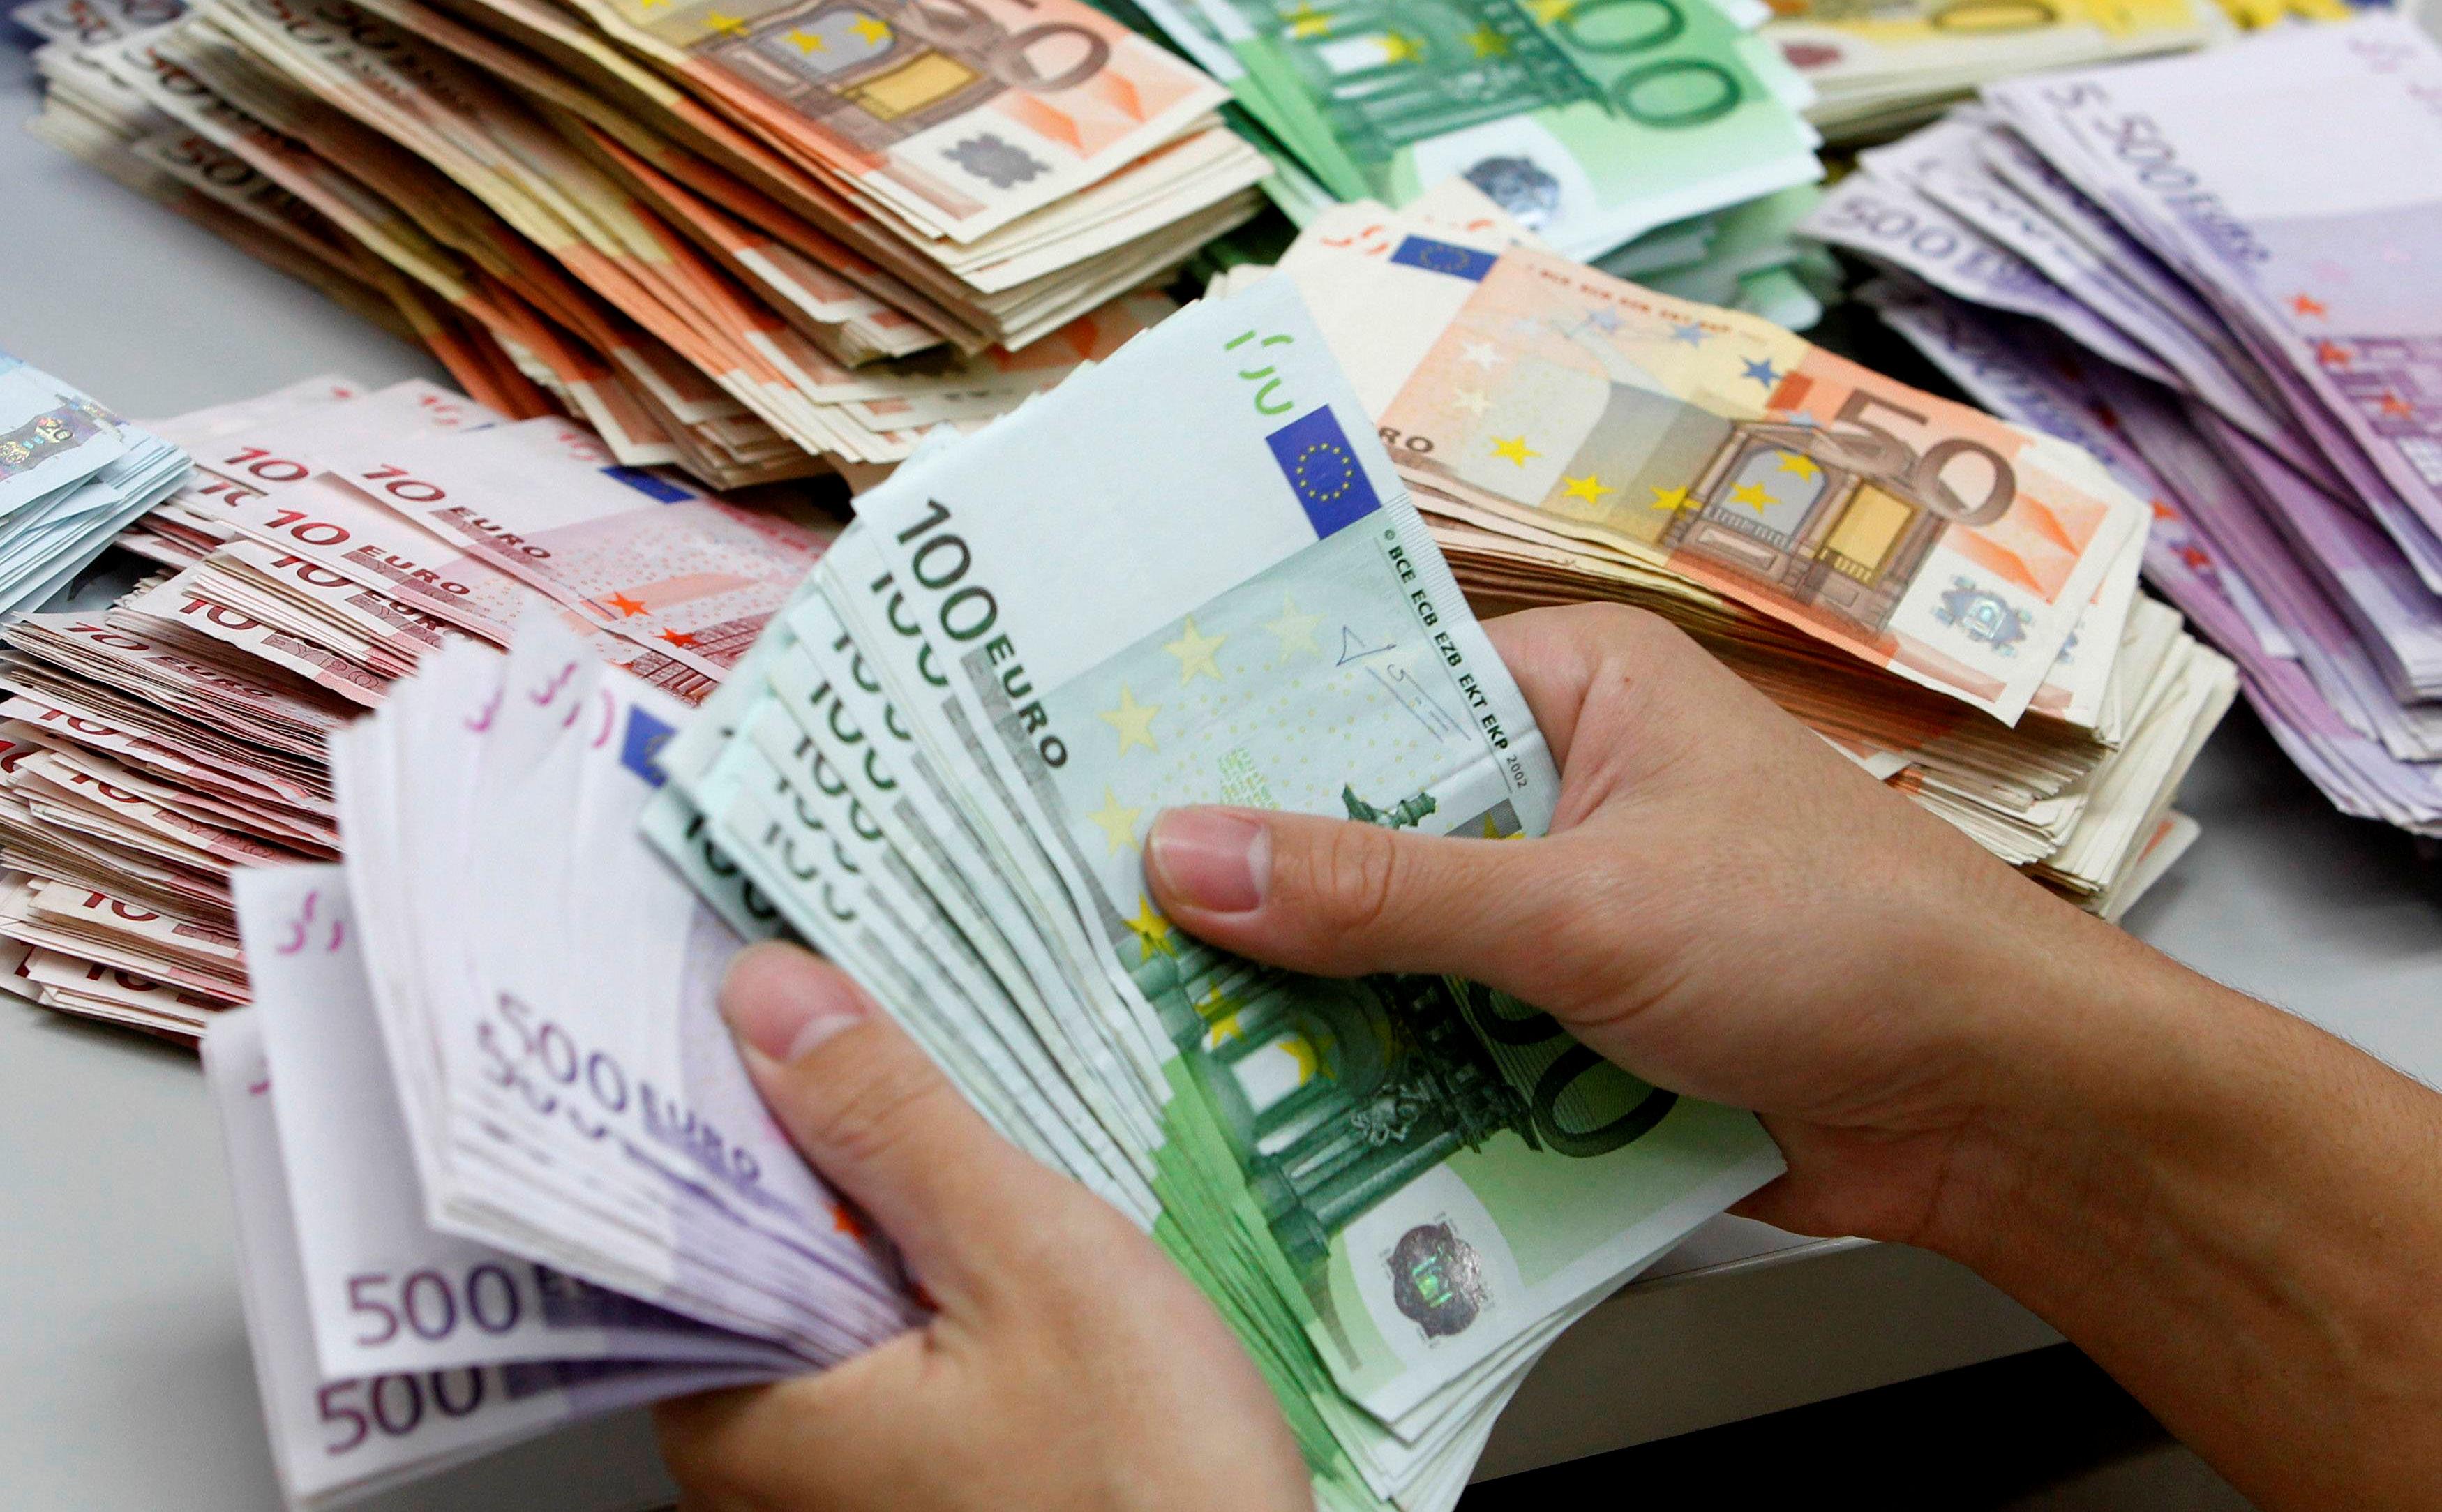 Conta-manuale-dei-soldi.jpg (3500×2167)